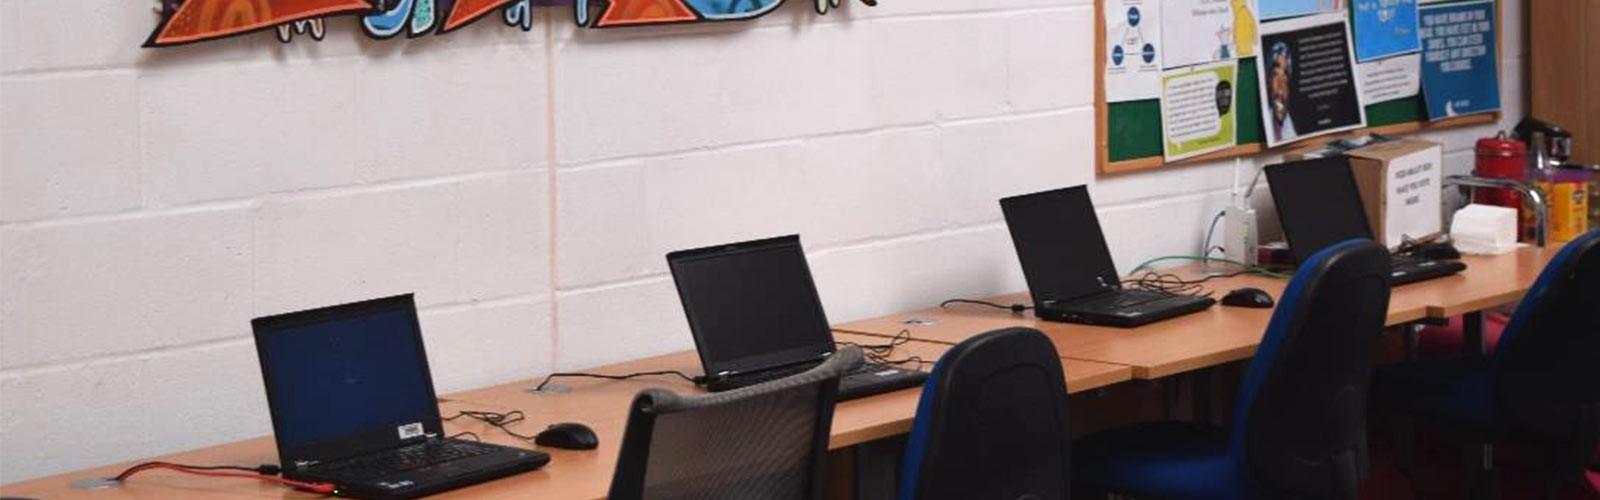 IT Training Suite